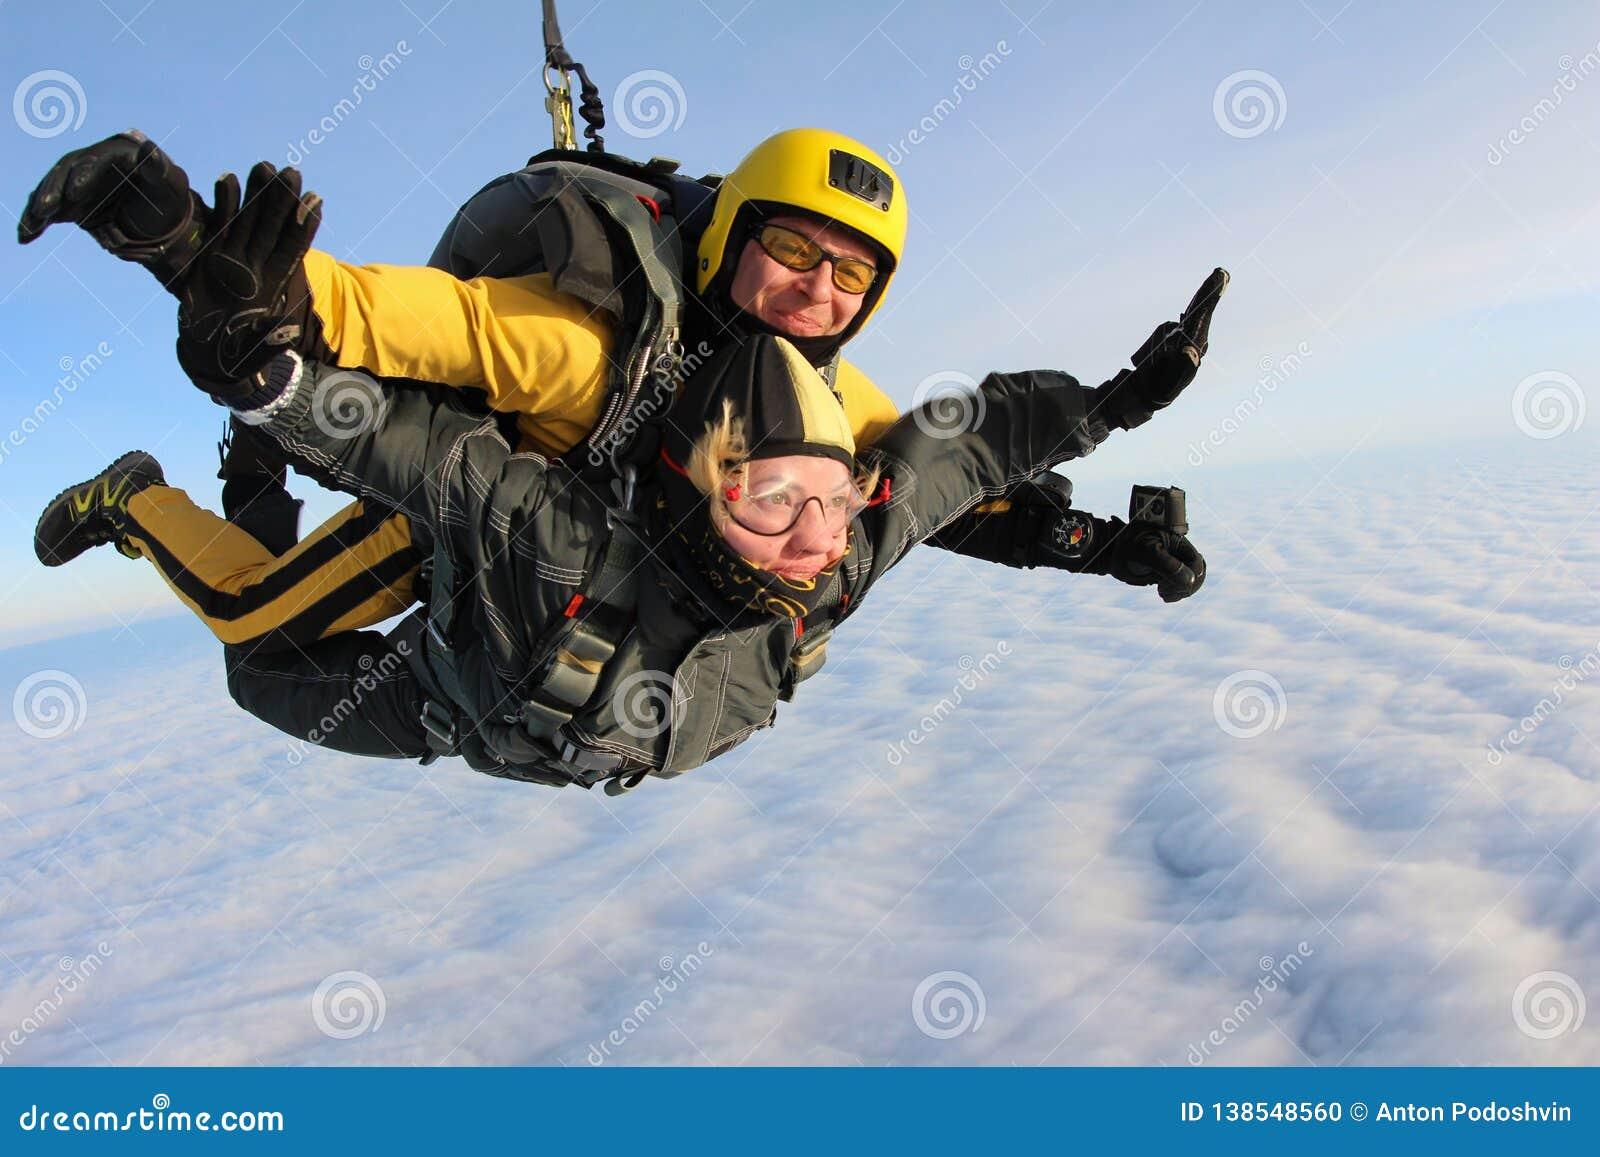 TandemxXXX_1 springen Skydivers fliegen über weiße Wolken